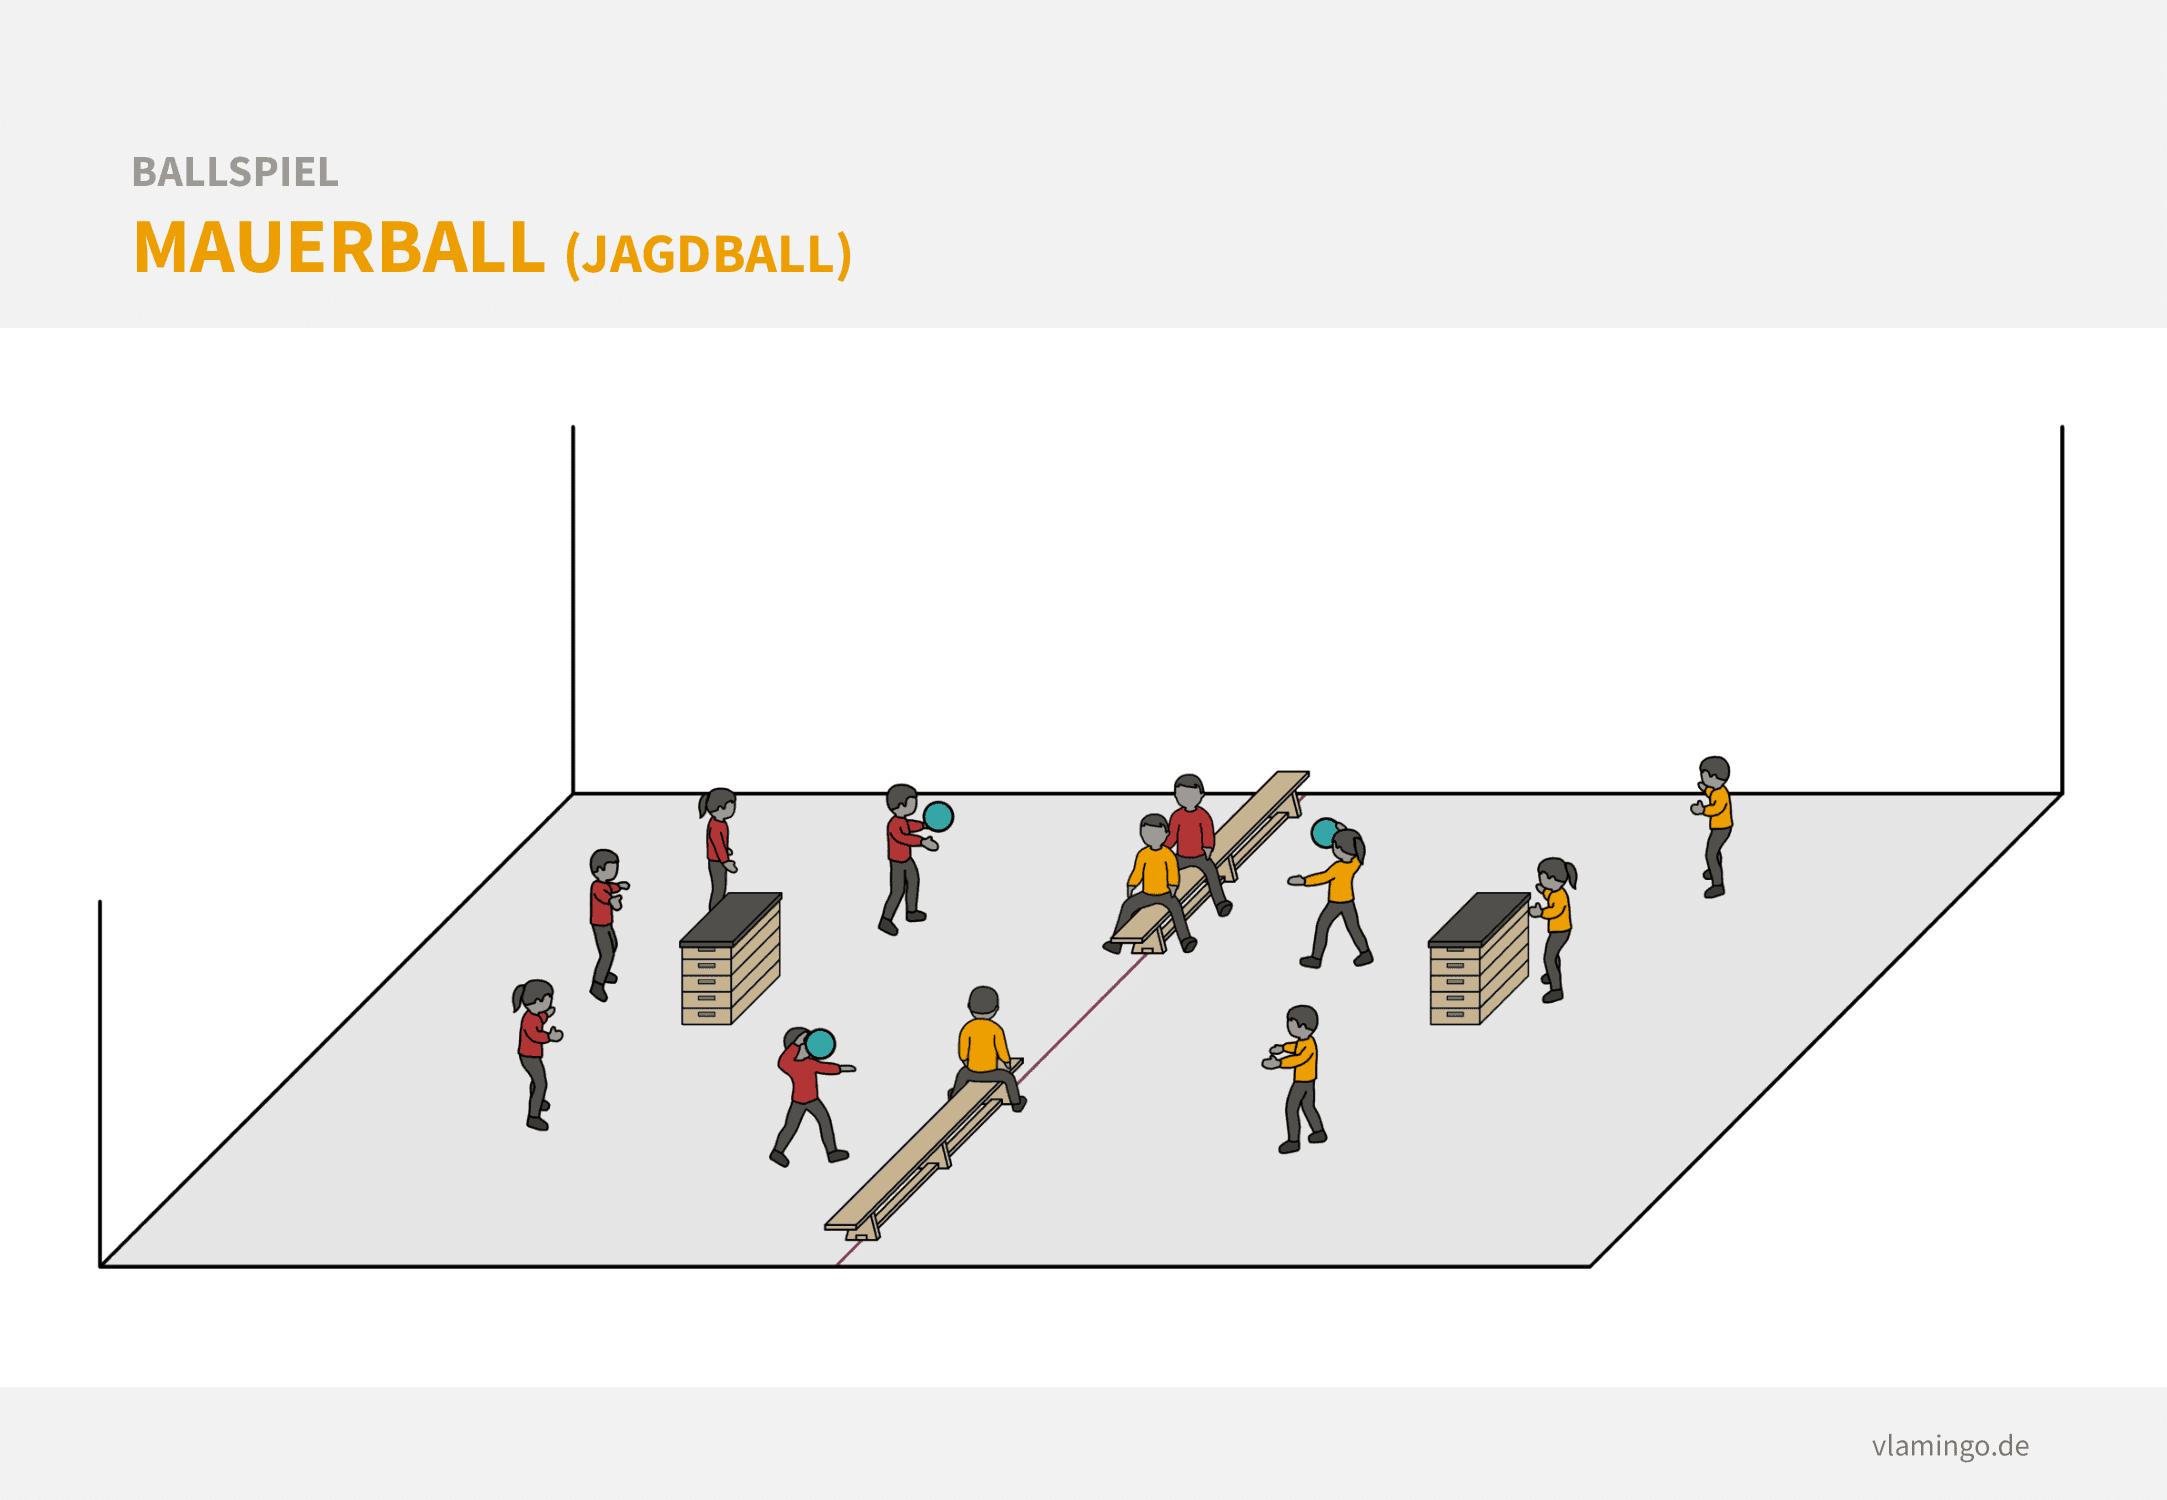 Ballspiel: Mauerball - Jagdball